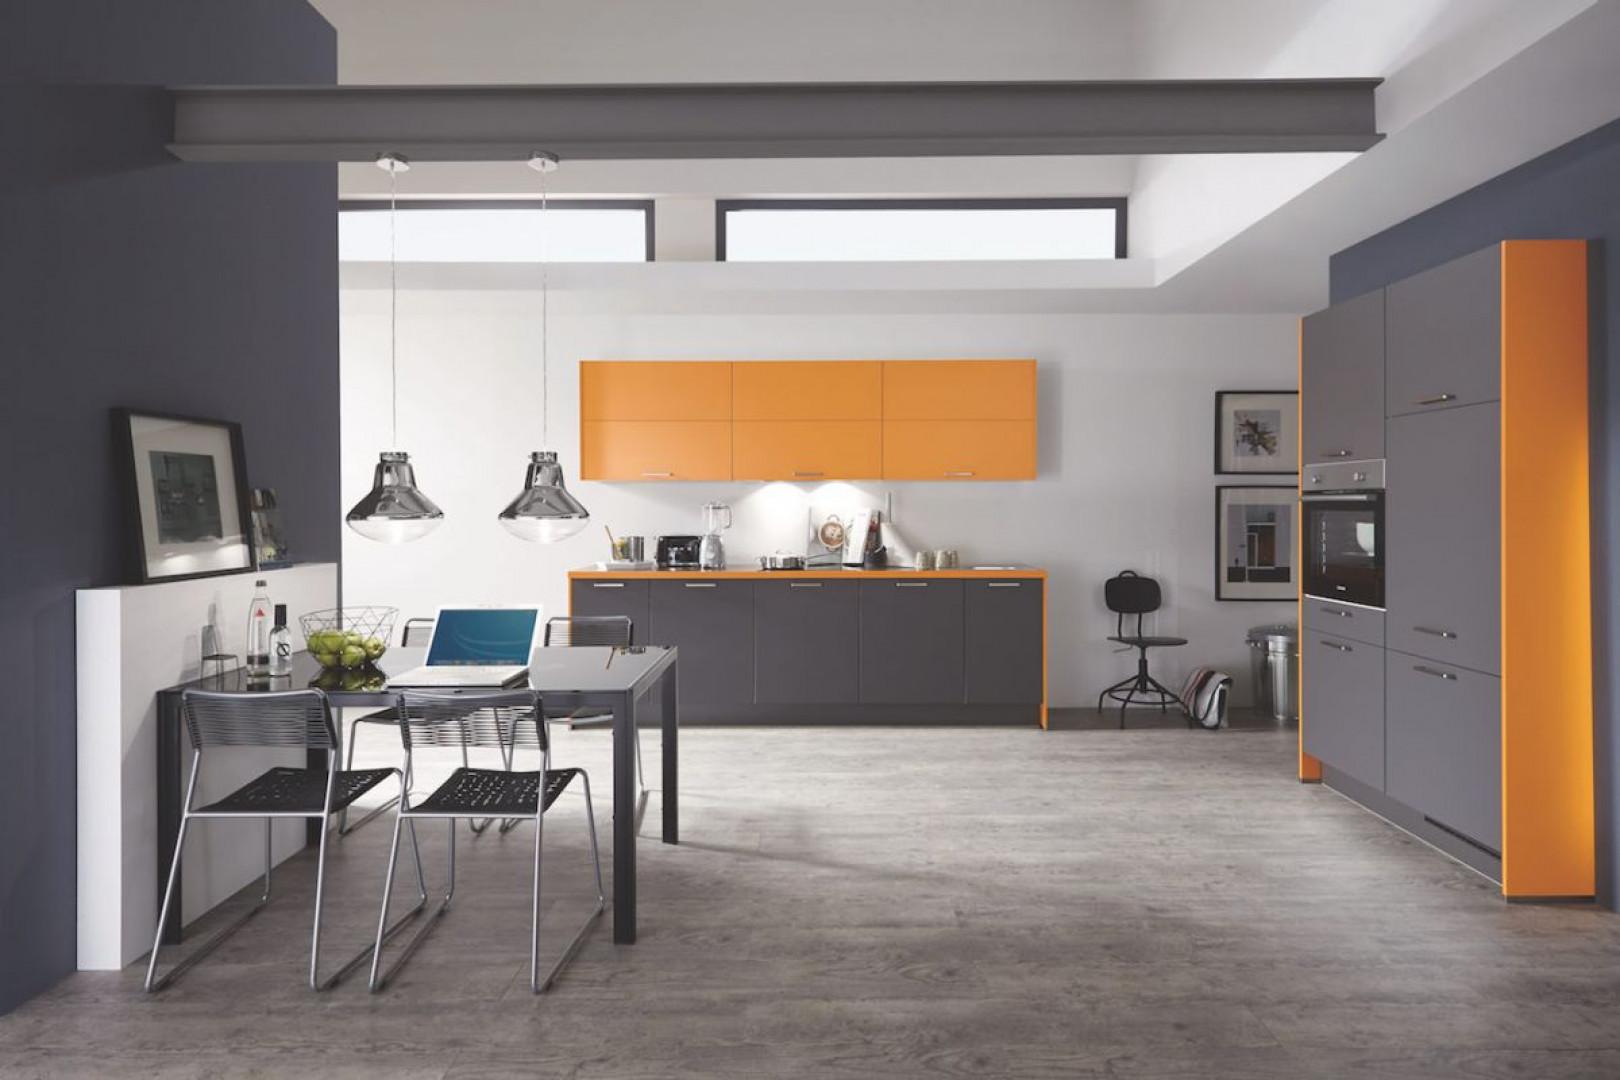 Szara kuchnia, rozjaśniona ciepłą żółcią, zyskuje nowy wizerunek. Fot. Verle